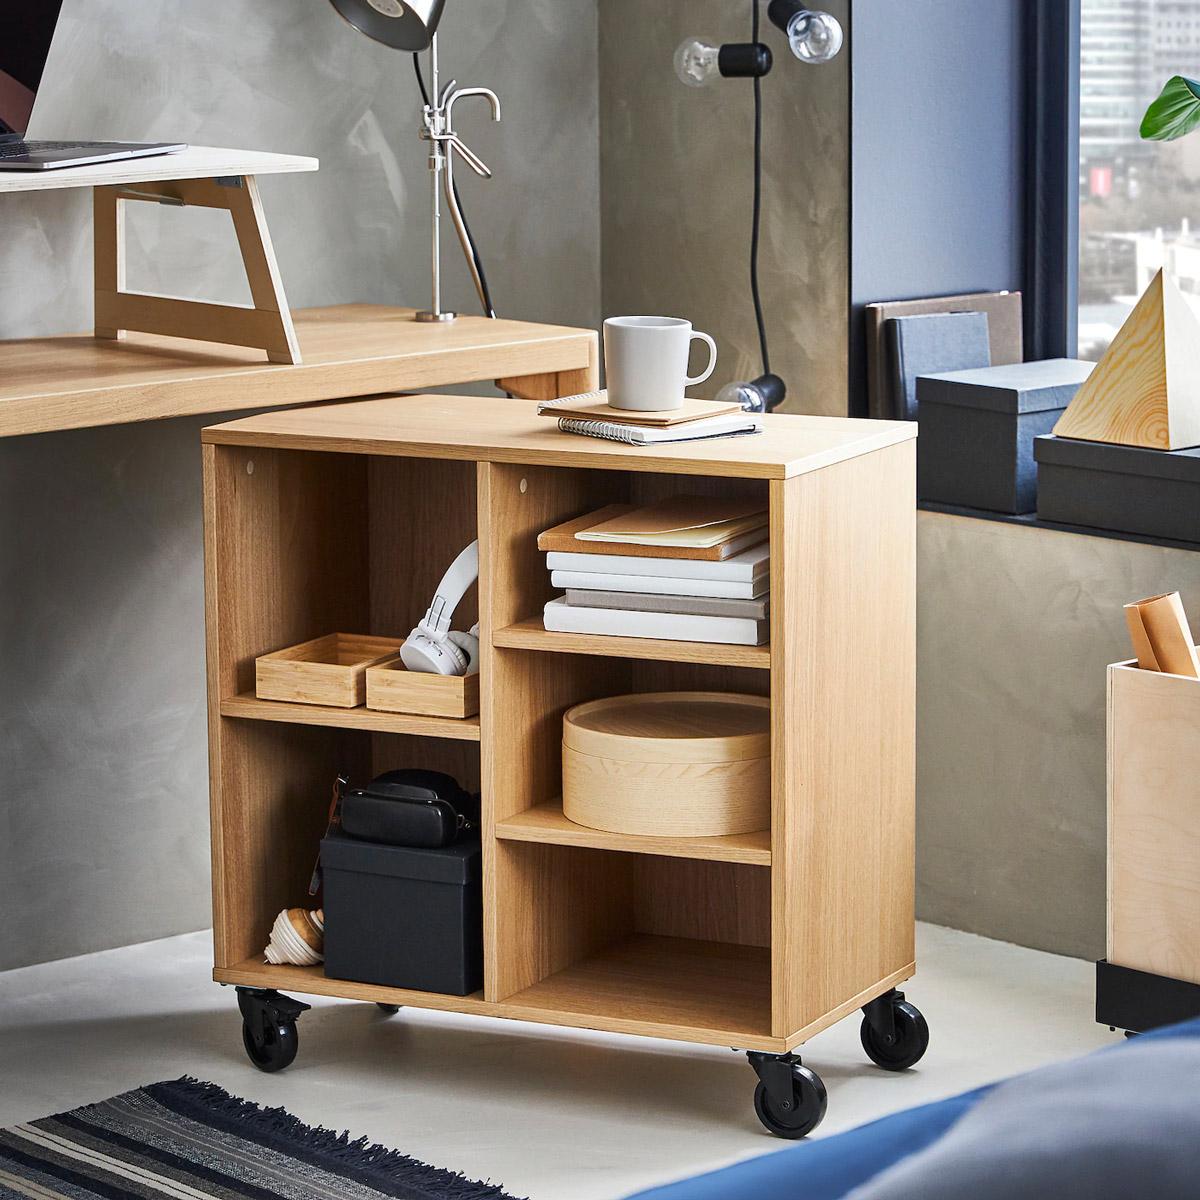 Arredare un piccolo appartamento con la collezione RÅVAROR di IKEA